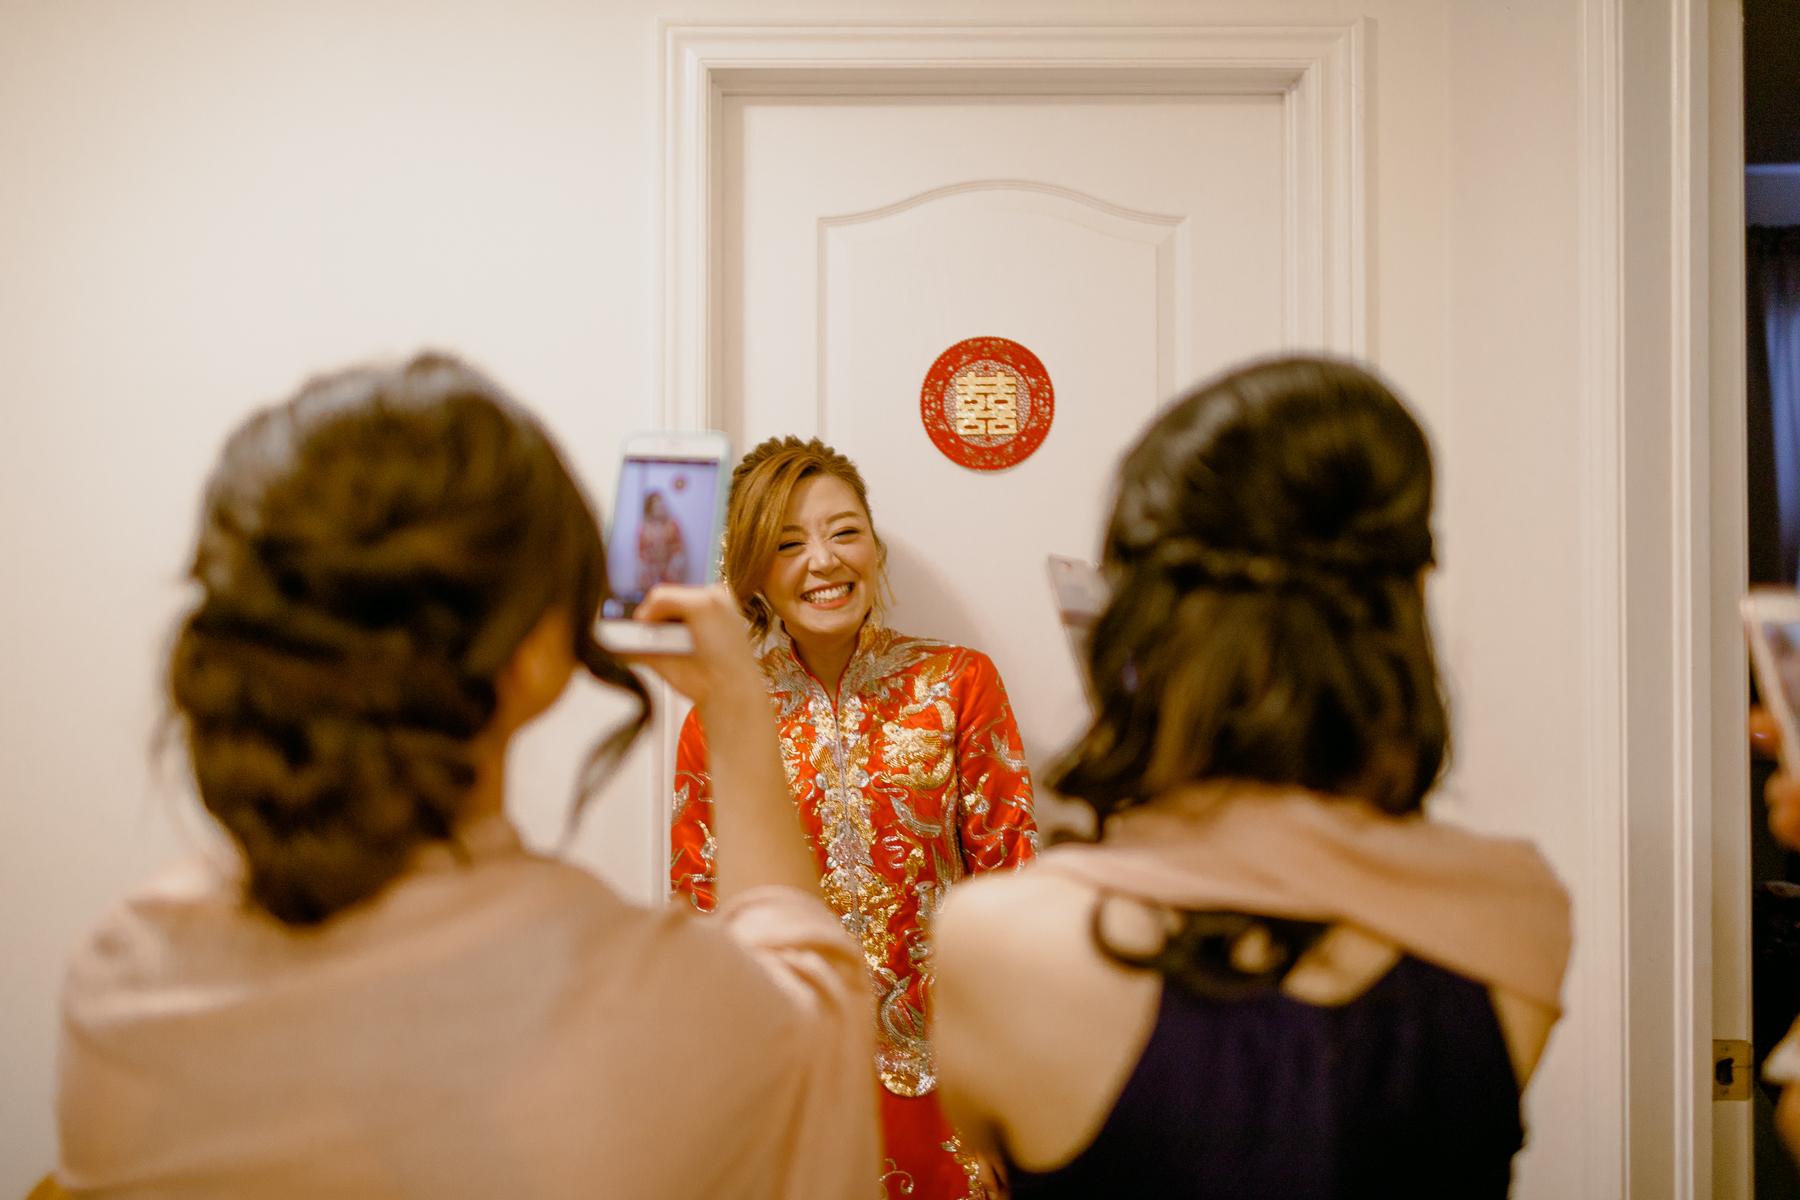 markham-wedding-photography-markham-museum-wedding 0003.jpg